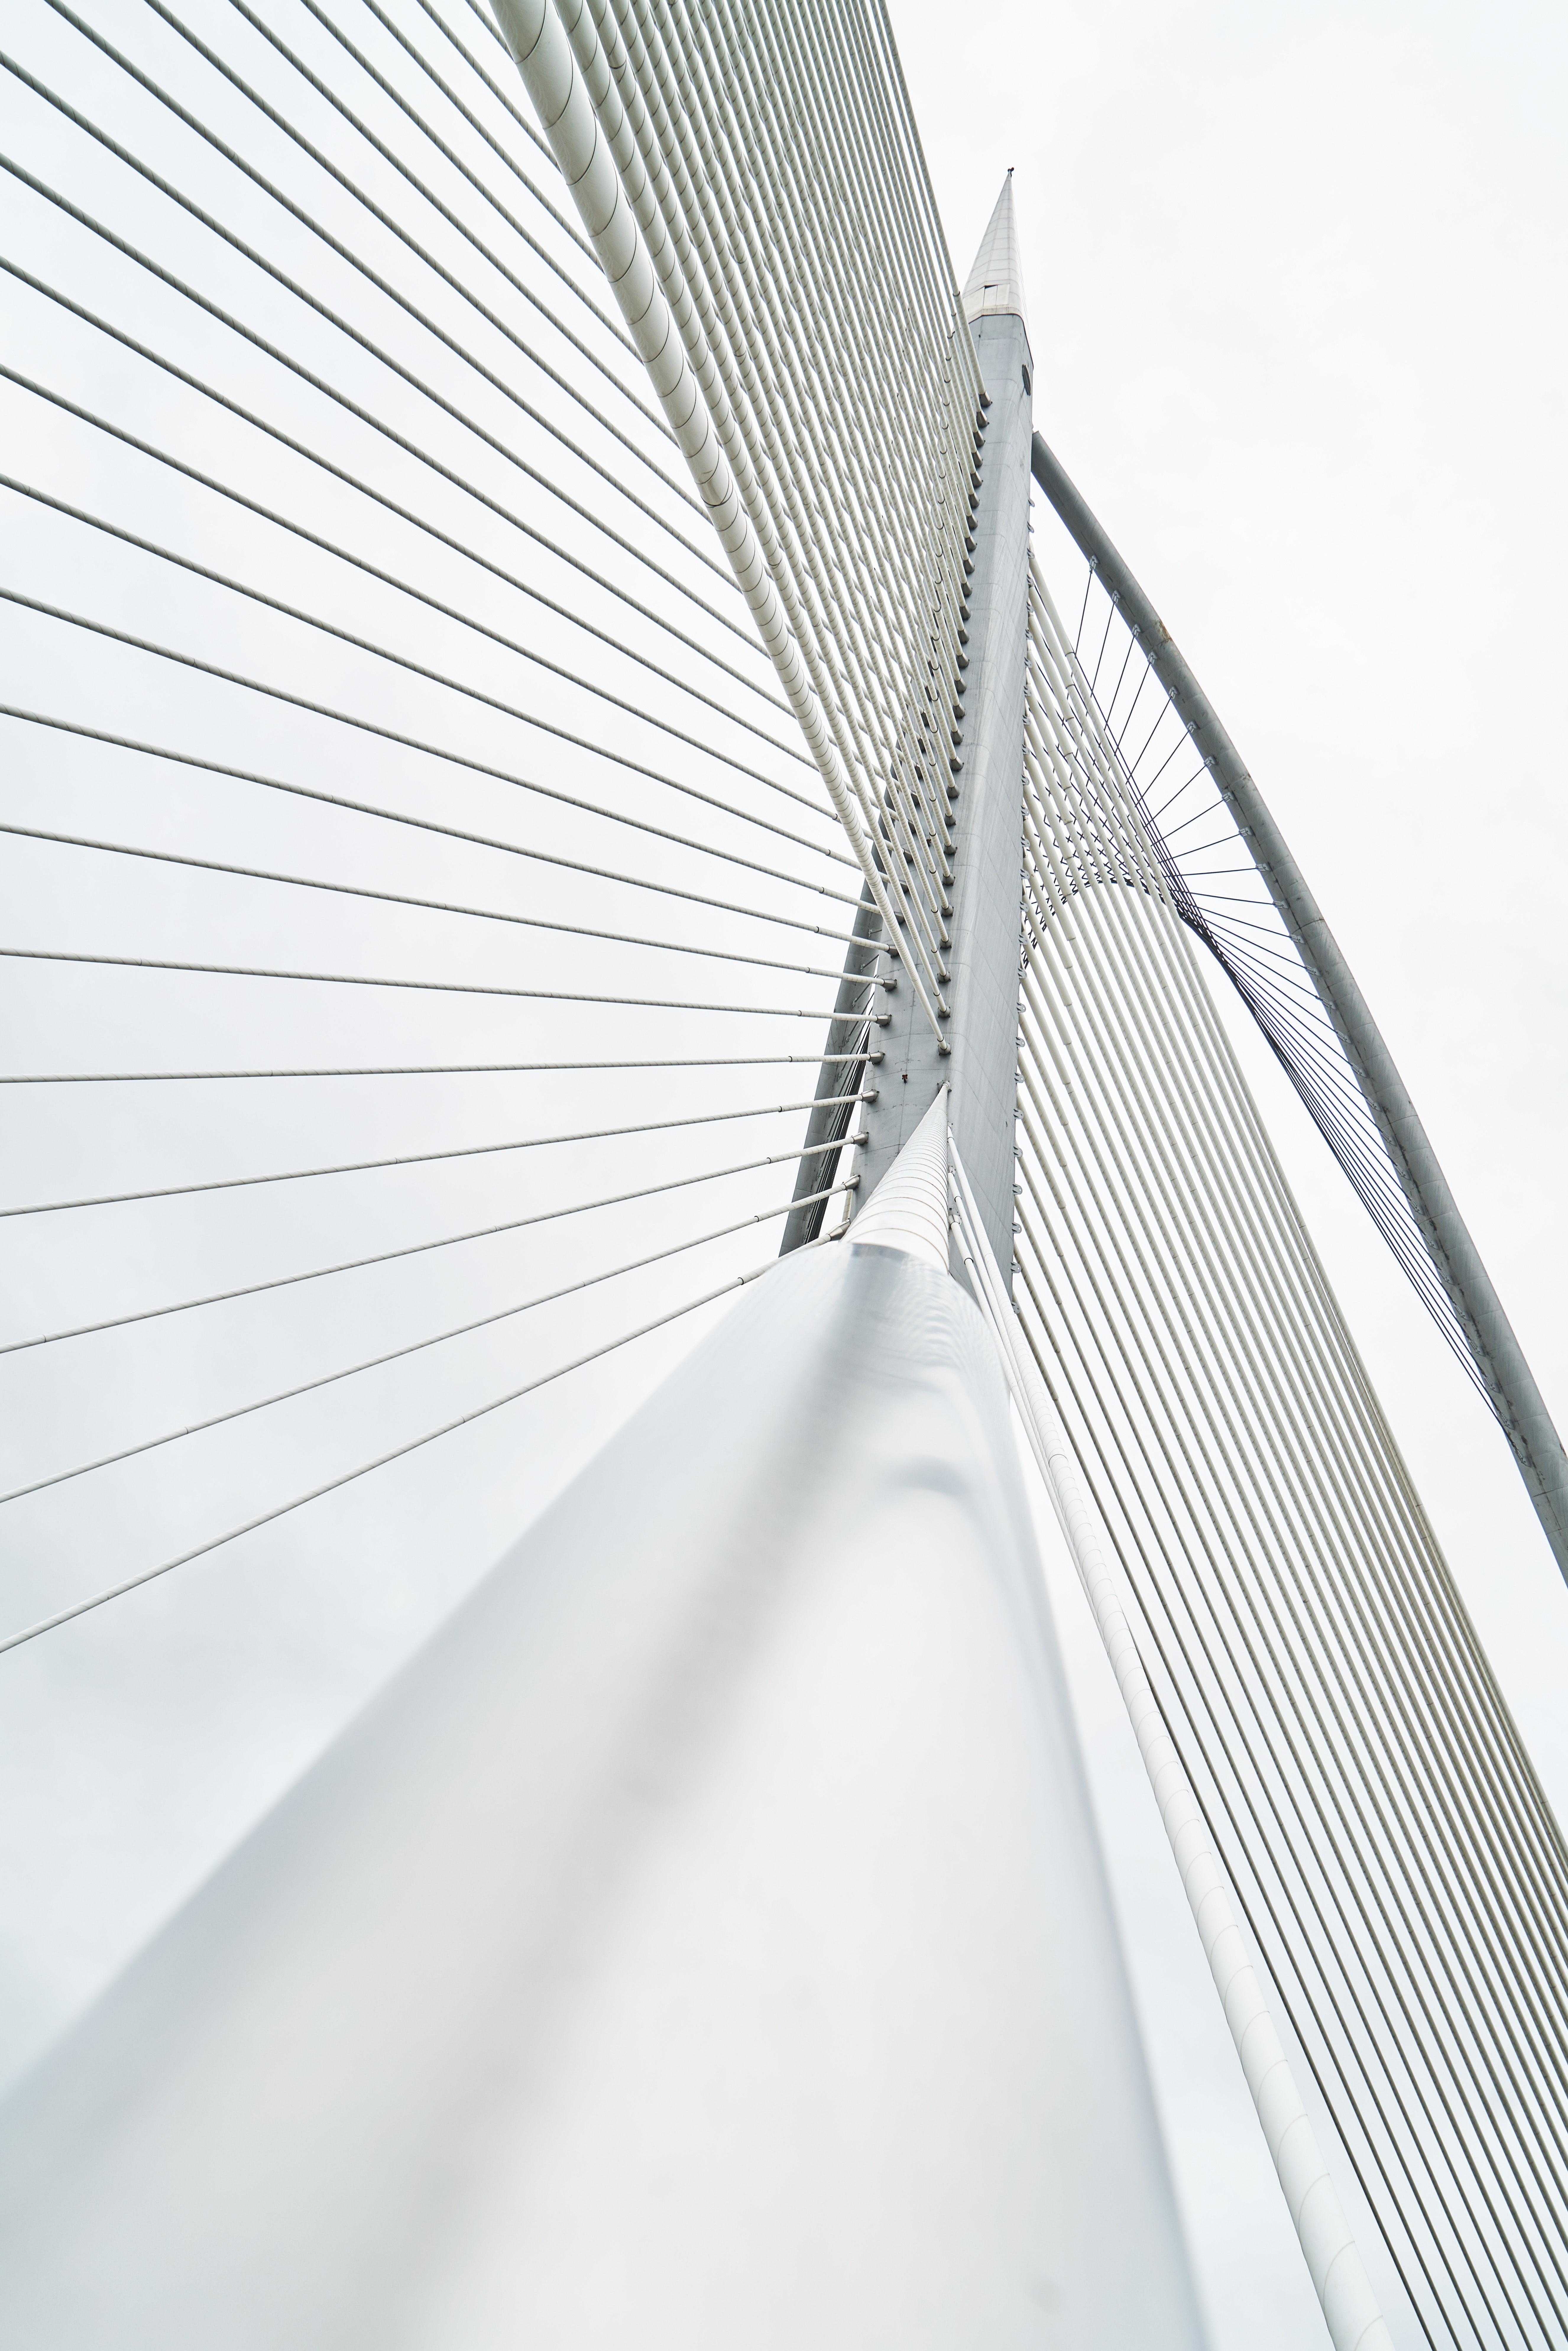 The Bridges Project